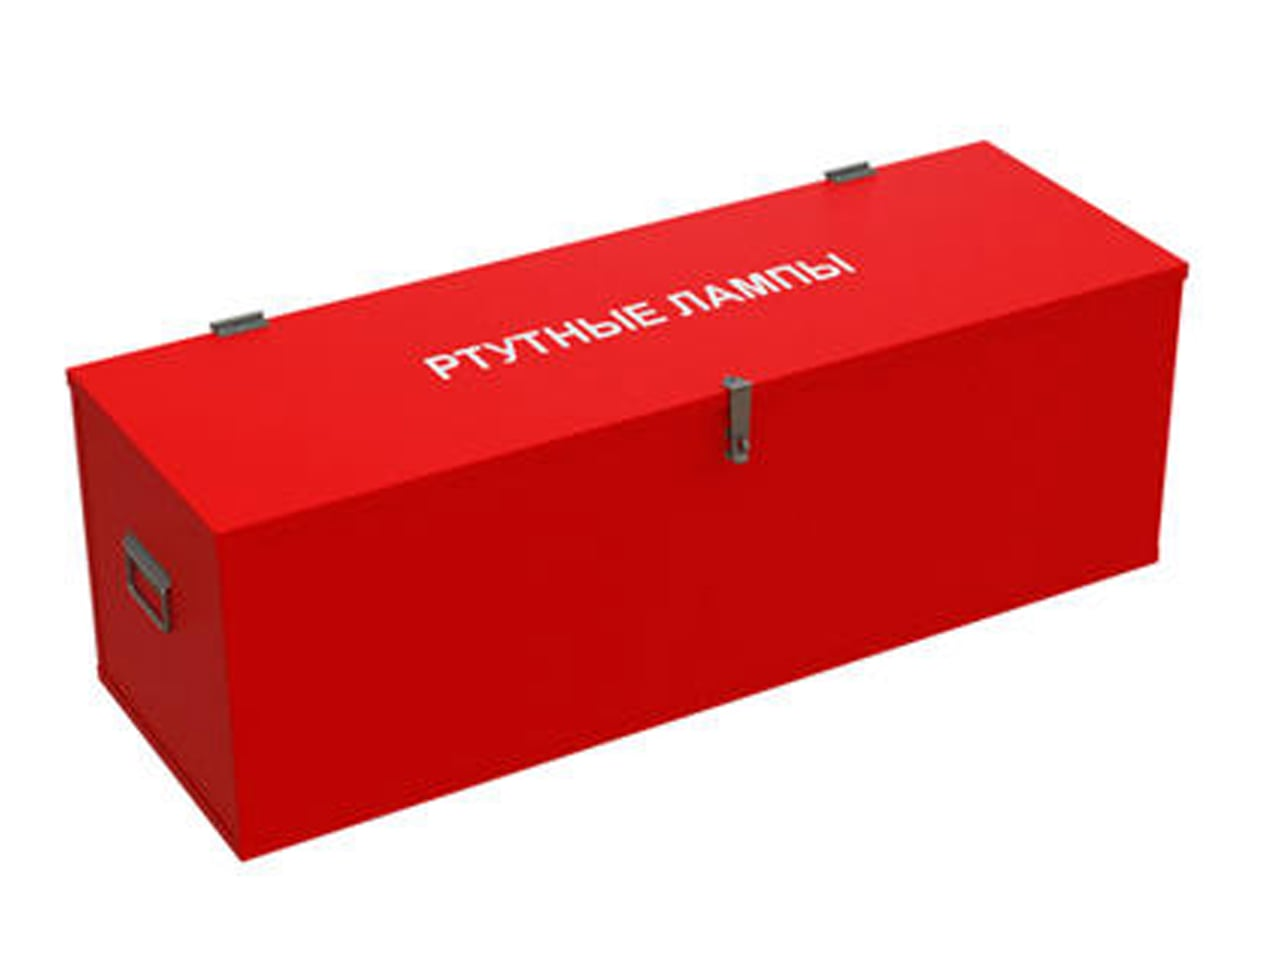 Ящик для перевозки отработанных ртутных ламп